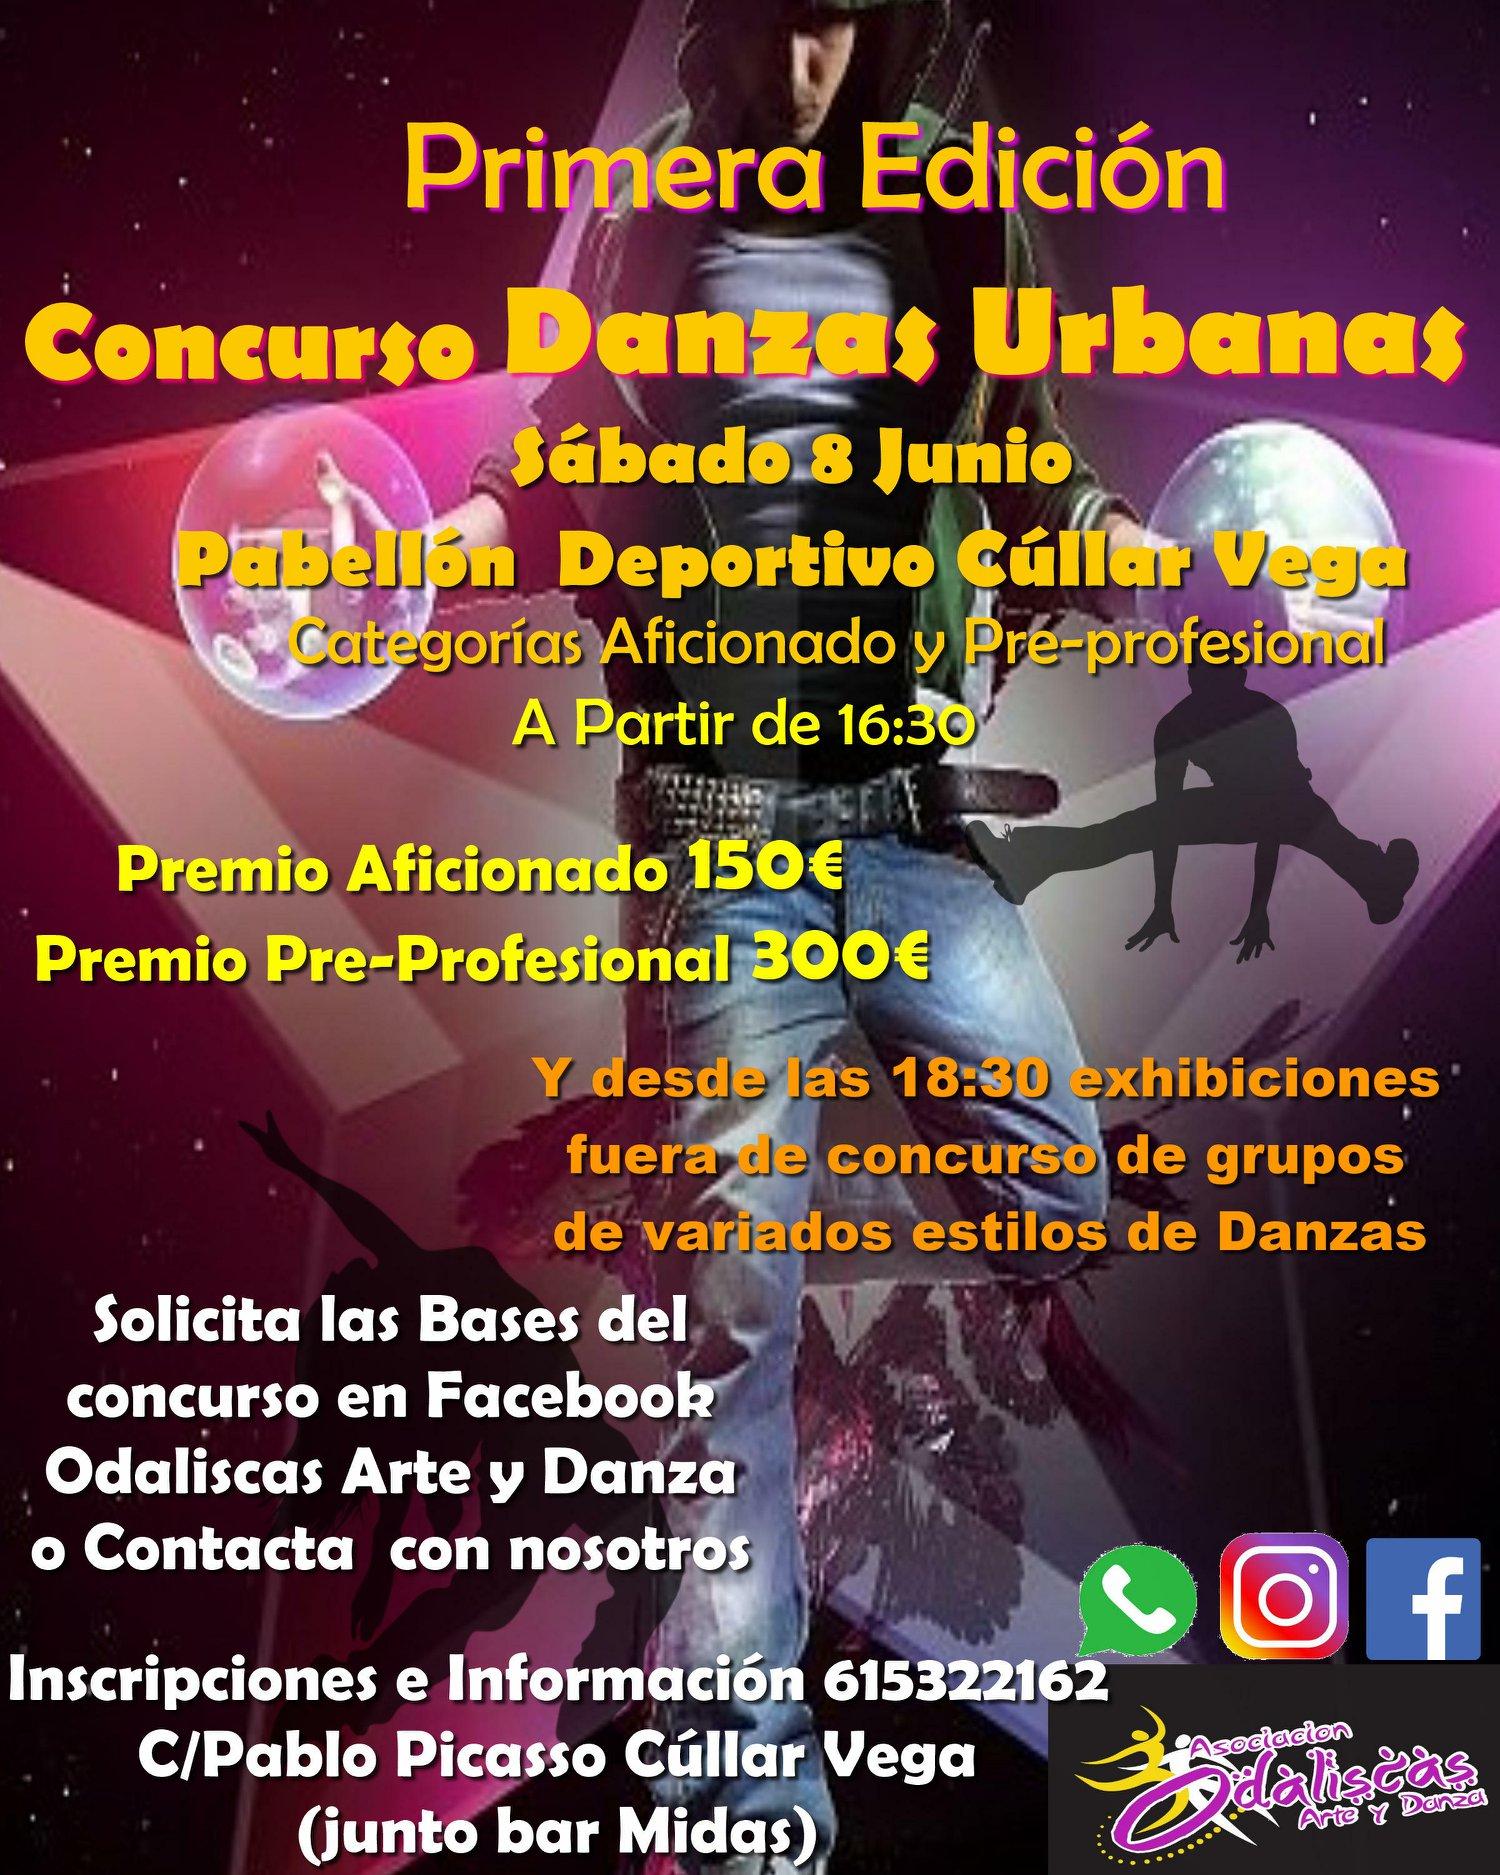 Aficionados al funky y al hip-hop participarán en el I Concurso de Danzas Urbanas de Cúllar Vega